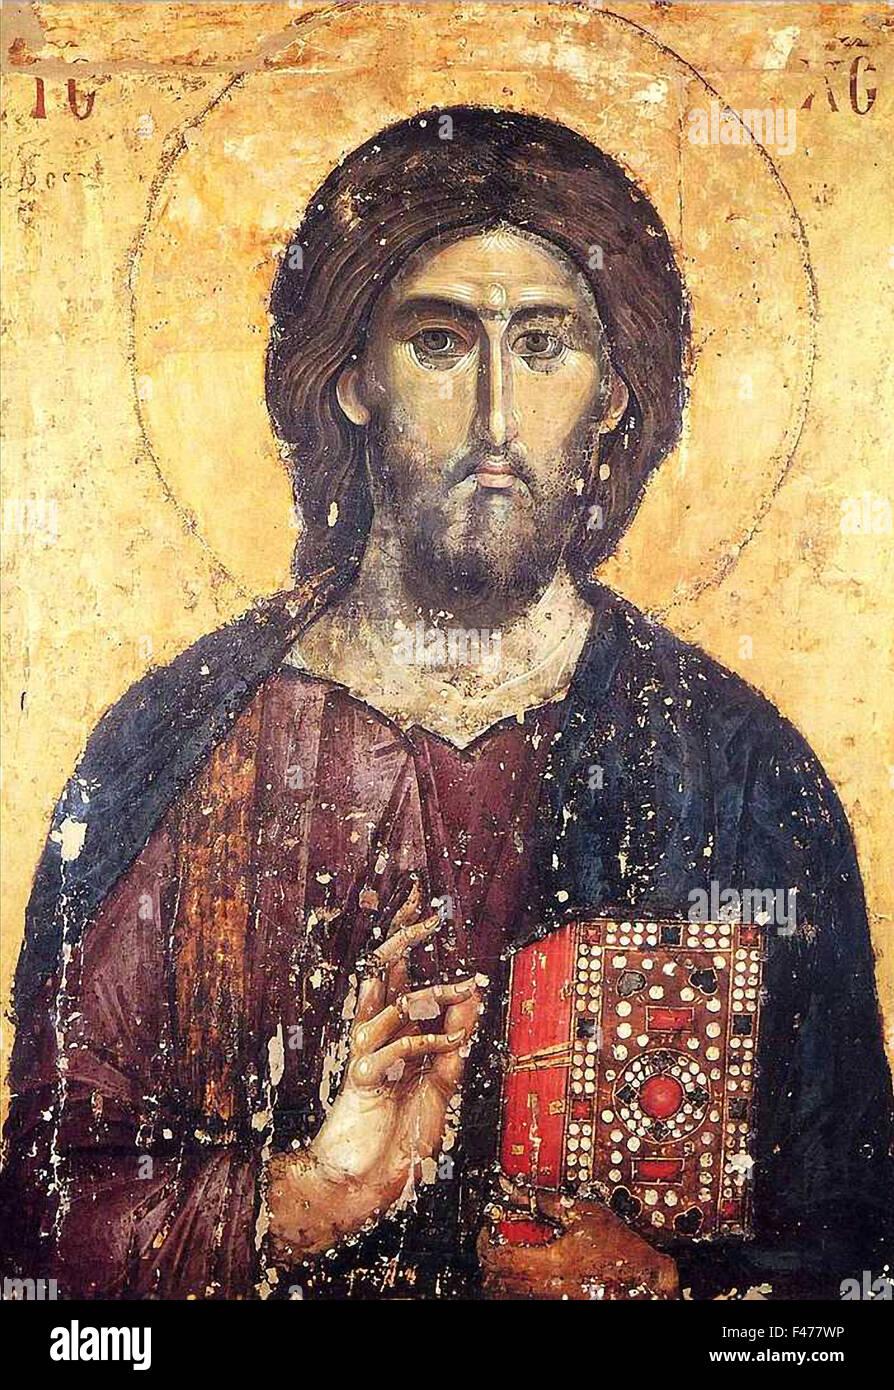 5778. Gemälde von Jesus Christus aus dem c. 13.. C befindet sich in einem Kloster in Serbien (Jugoslawien). Stockbild